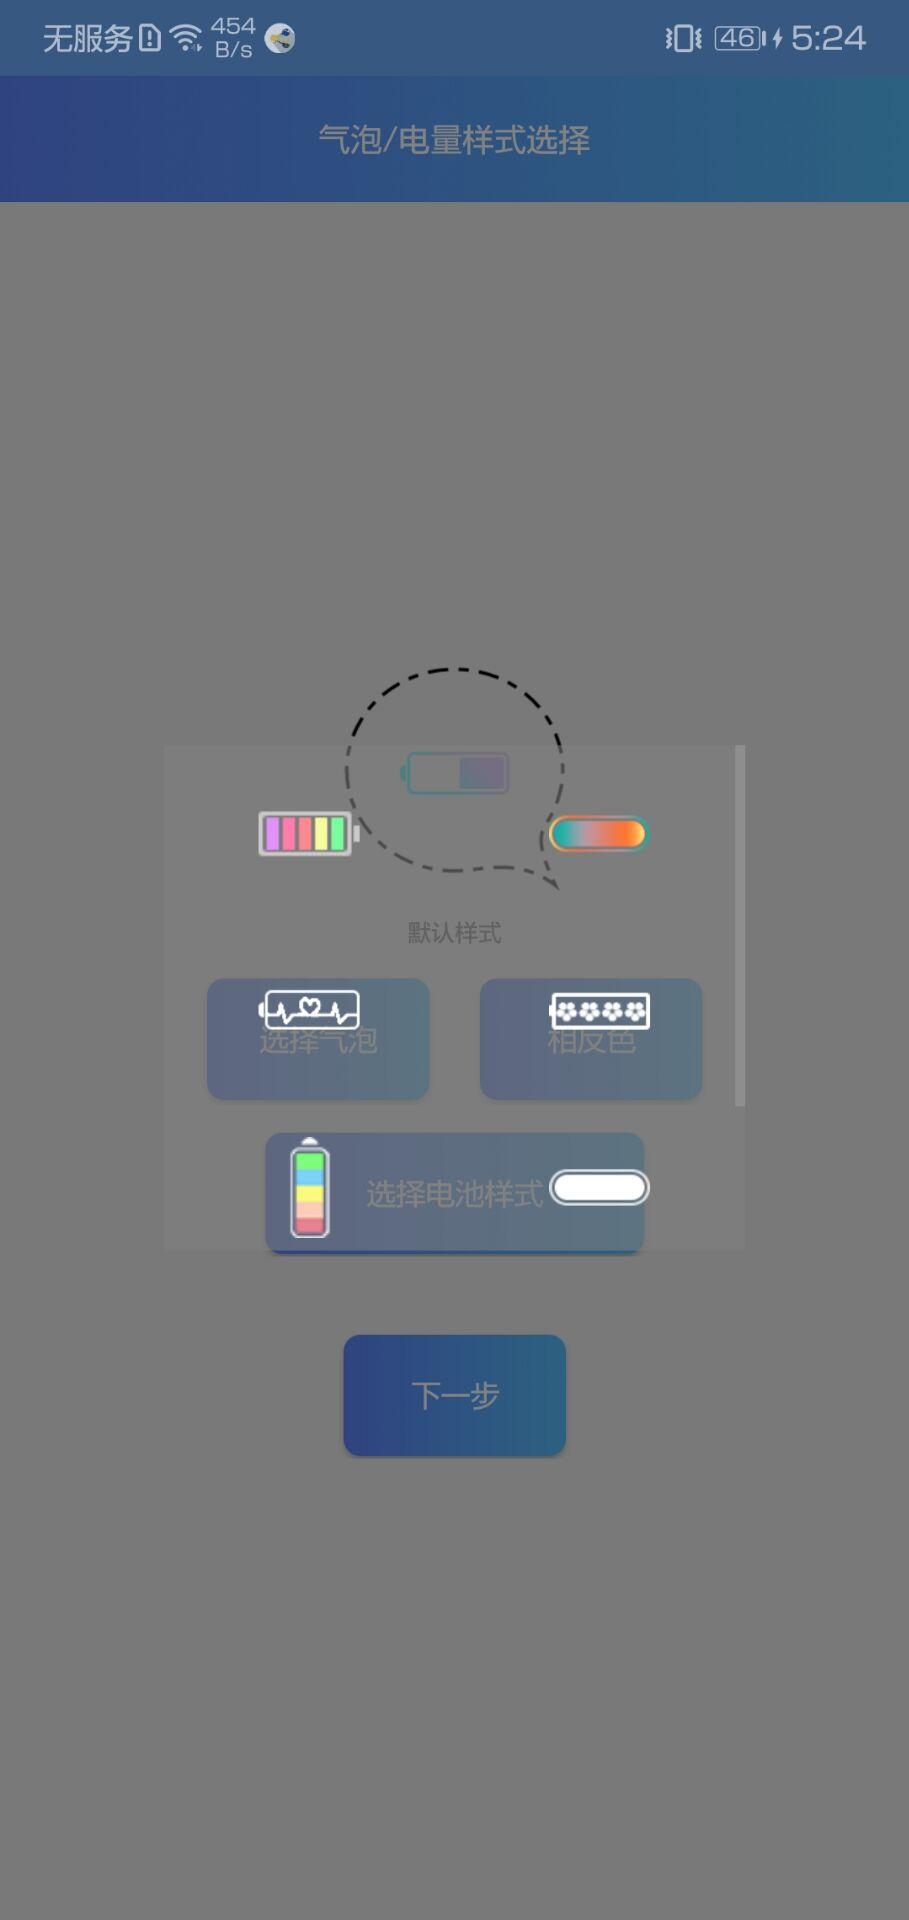 【资源分享】电池插件生成器-爱小助